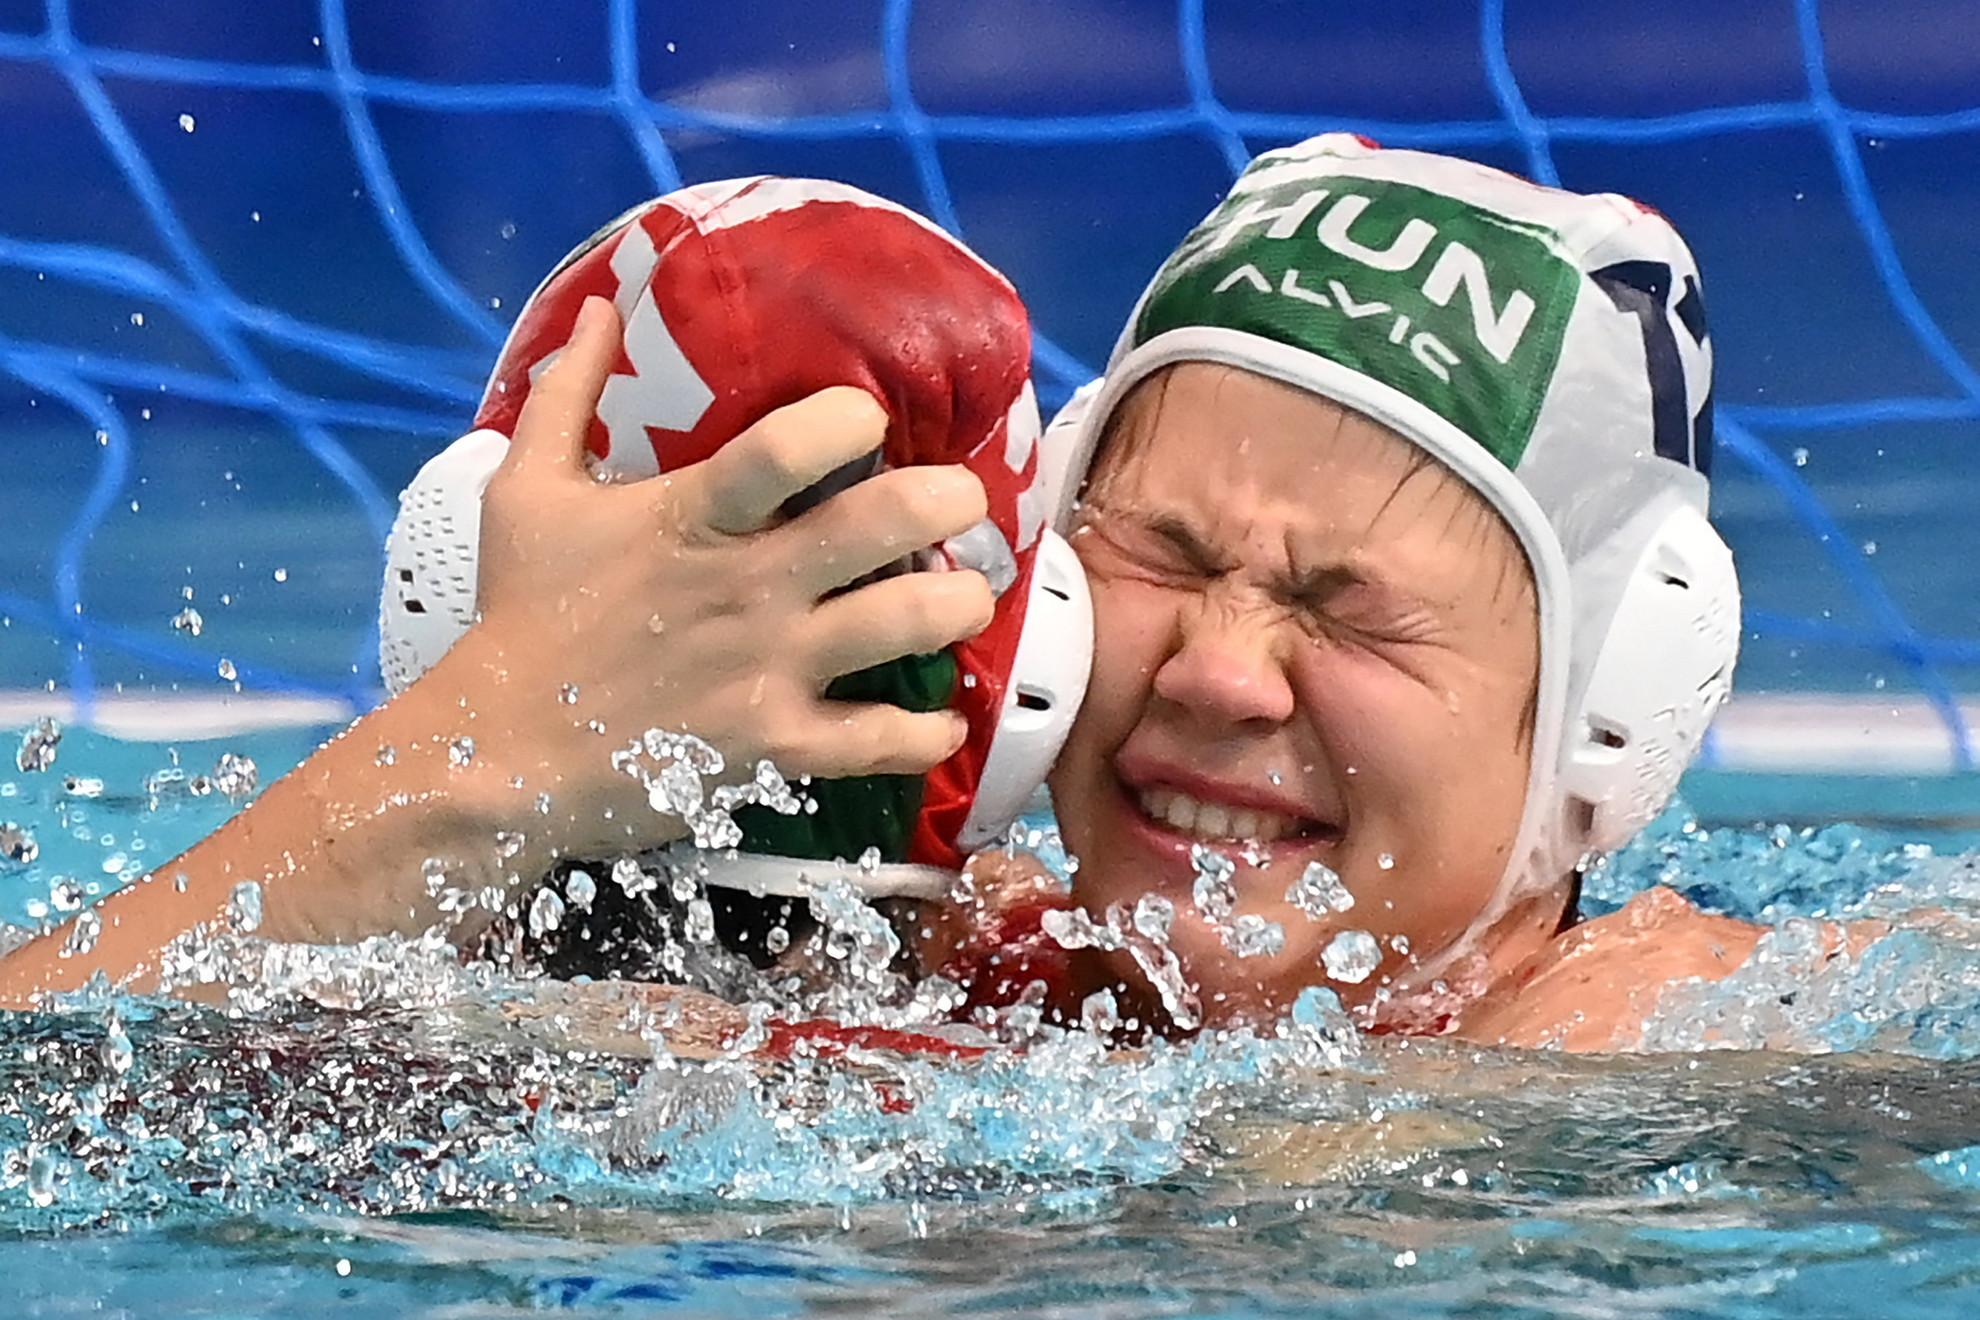 Magyari Alda kapus (háttal) és Garda Krisztina, a bronzérmes magyar csapat tagjai ünneplik győzelmüket a világméretű koronavírus-járvány miatt 2021-re halasztott 2020-as tokiói nyári olimpia női vízilabdatornáján a harmadik helyért játszott Magyarország - Orosz Olimpiai Csapat mérkőzés végén a Tacumi Vízilabdaközpontban 2021. augusztus 7-én